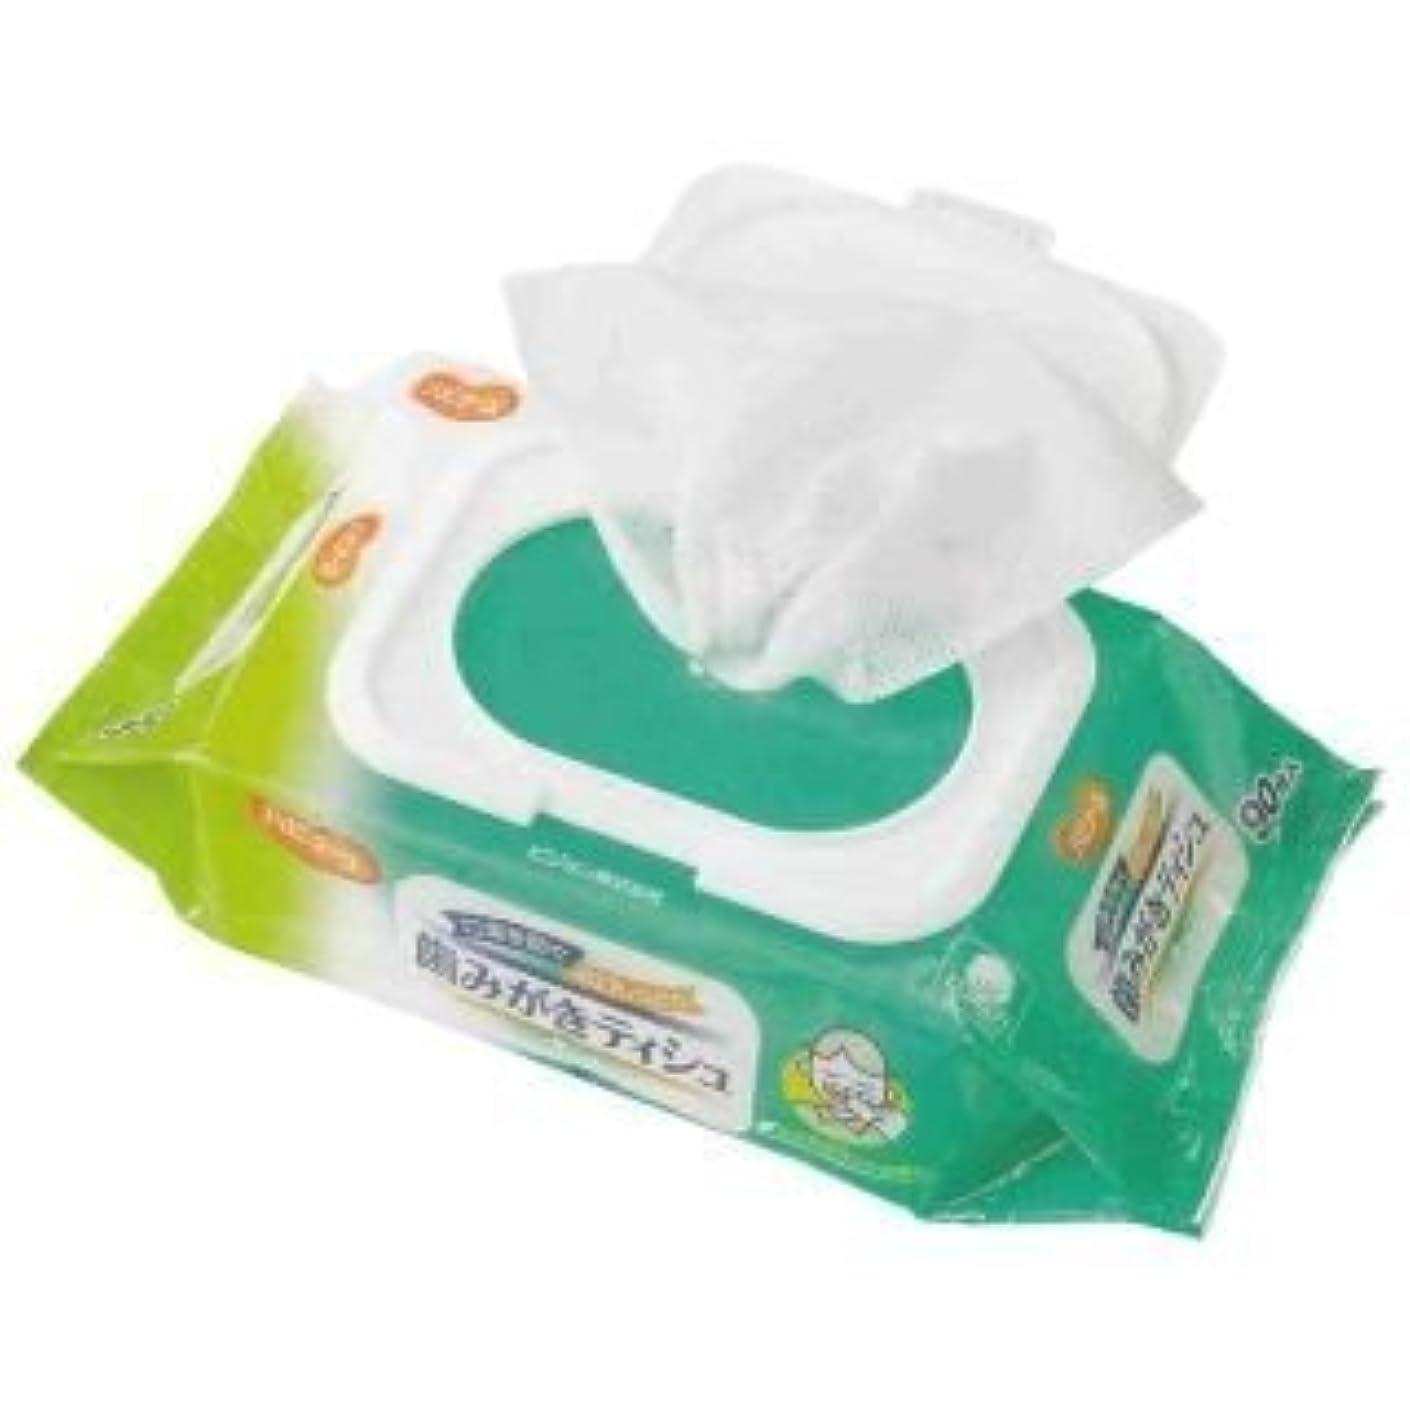 筋廊下きちんとした口臭を防ぐ&お口しっとり!ふきとりやすいコットンメッシュシート!お口が乾燥して、お口の臭いが気になるときに!歯みがきティシュ 90枚入【2個セット】